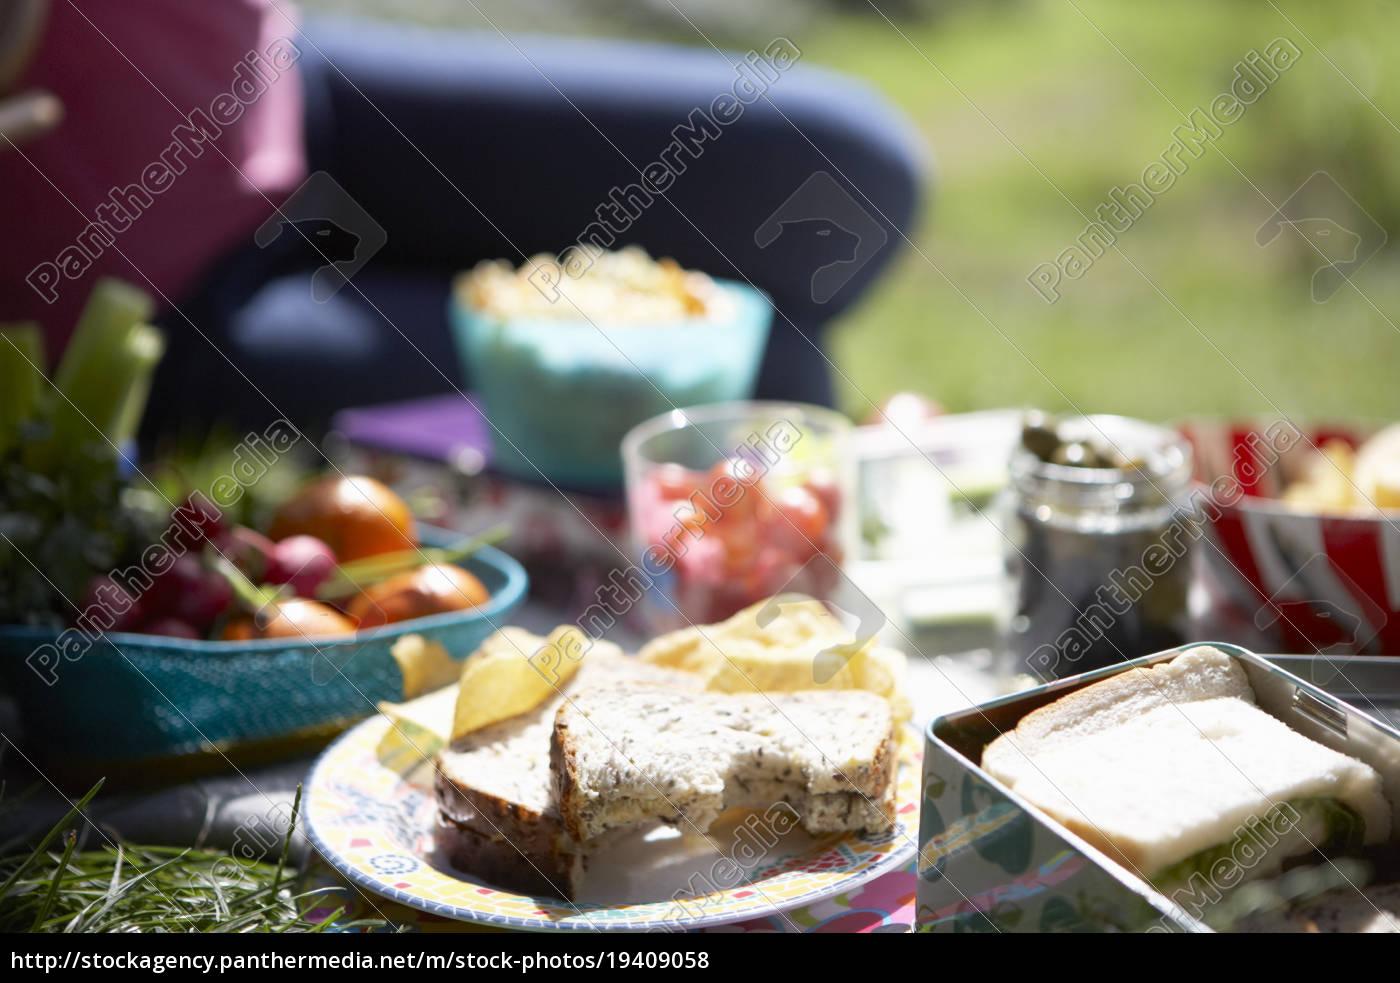 comida, de, picnic, colocada, en, la - 19409058